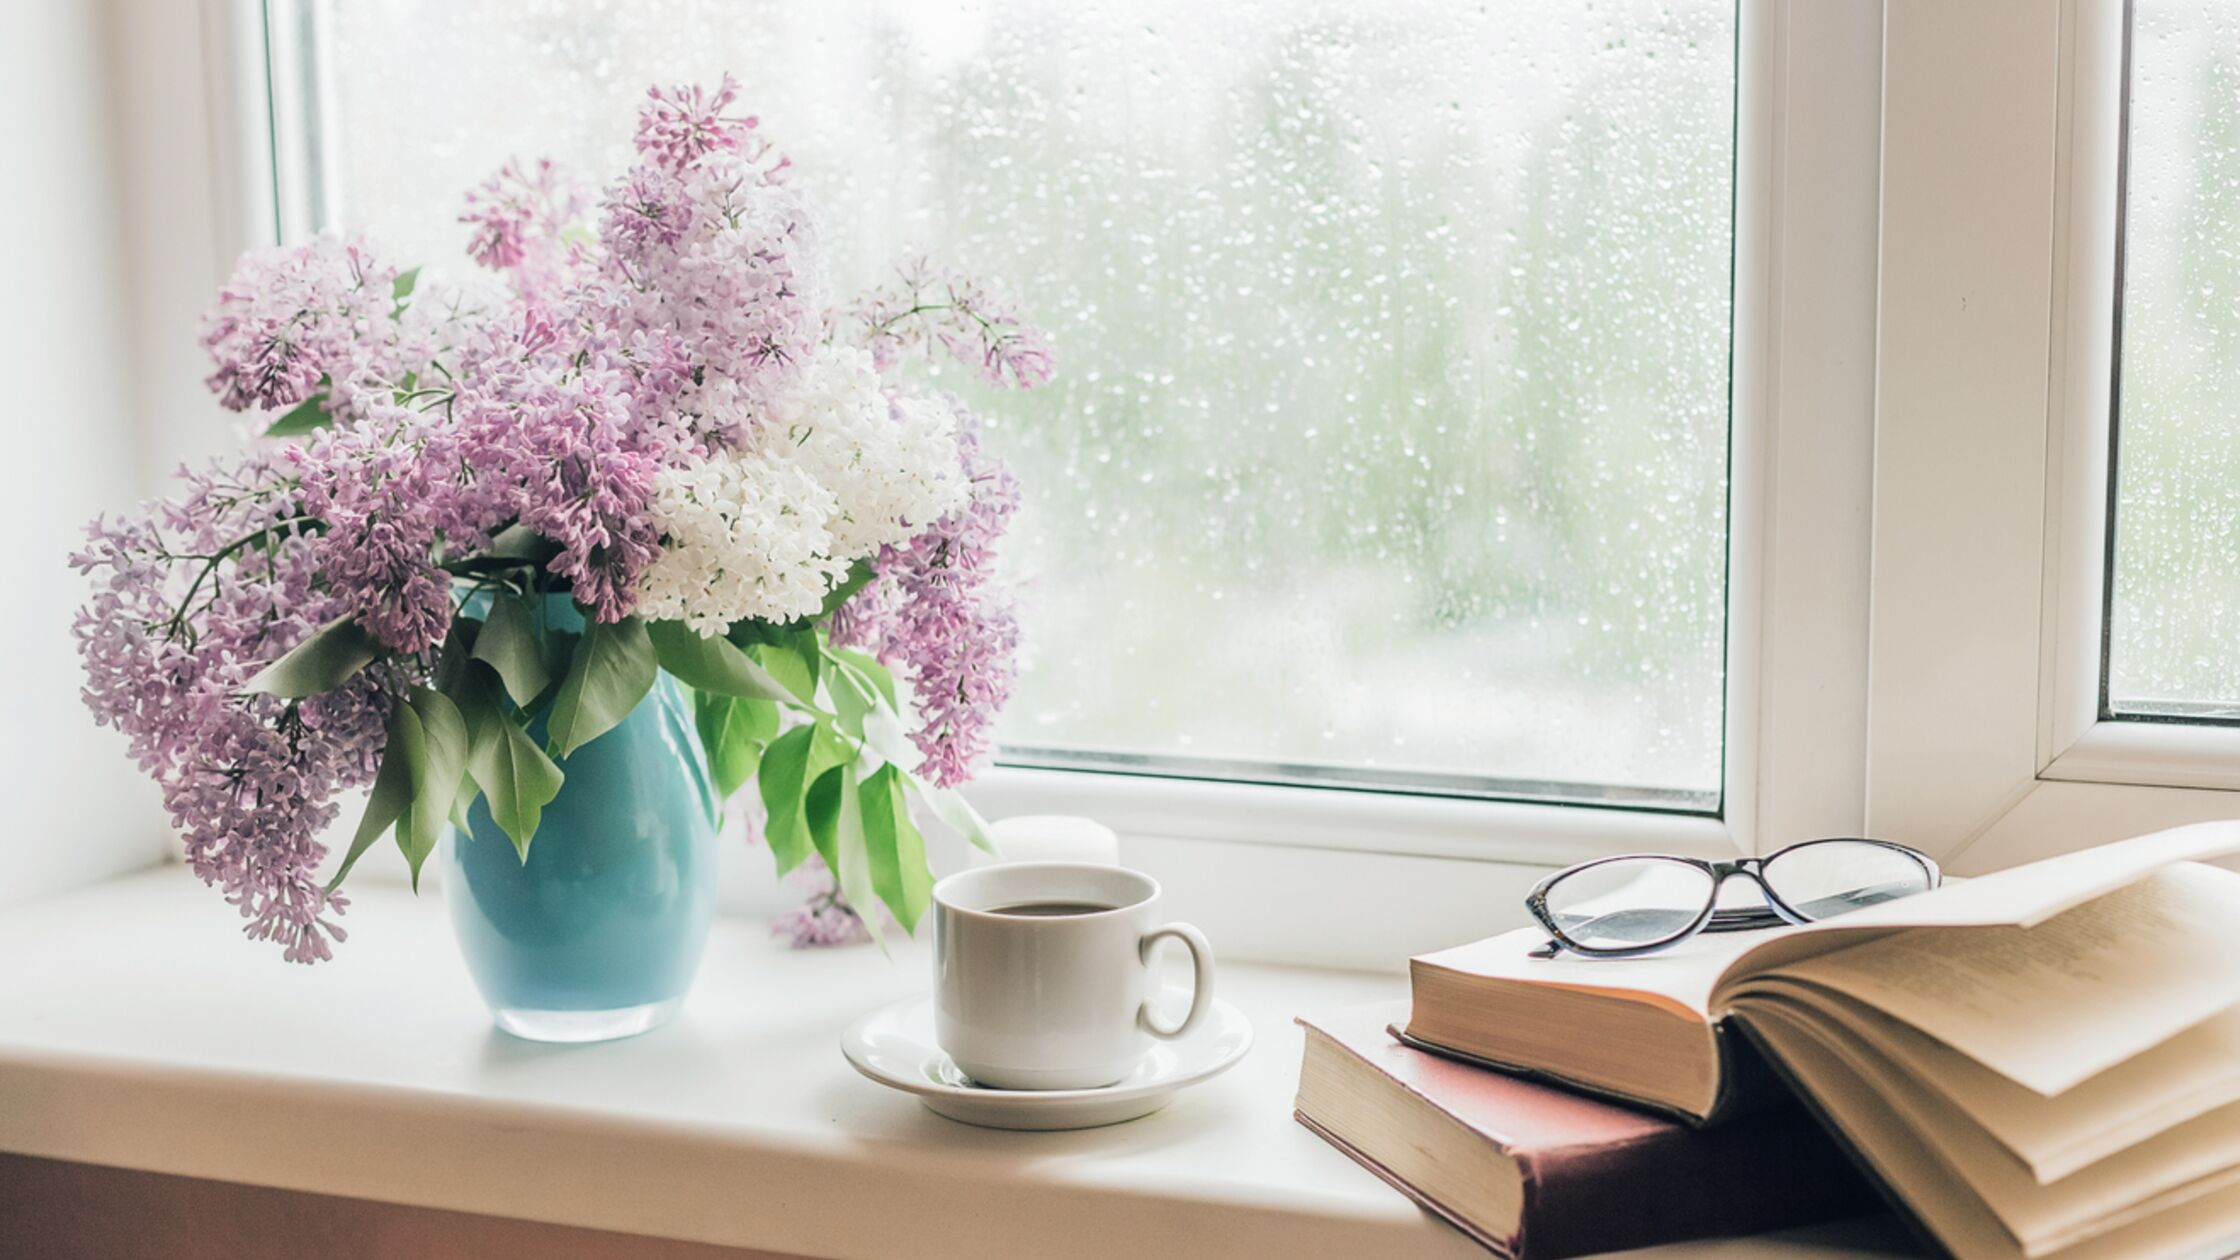 Fensterbank dekorieren: 4 Ideen, um das Sims zu verschönern